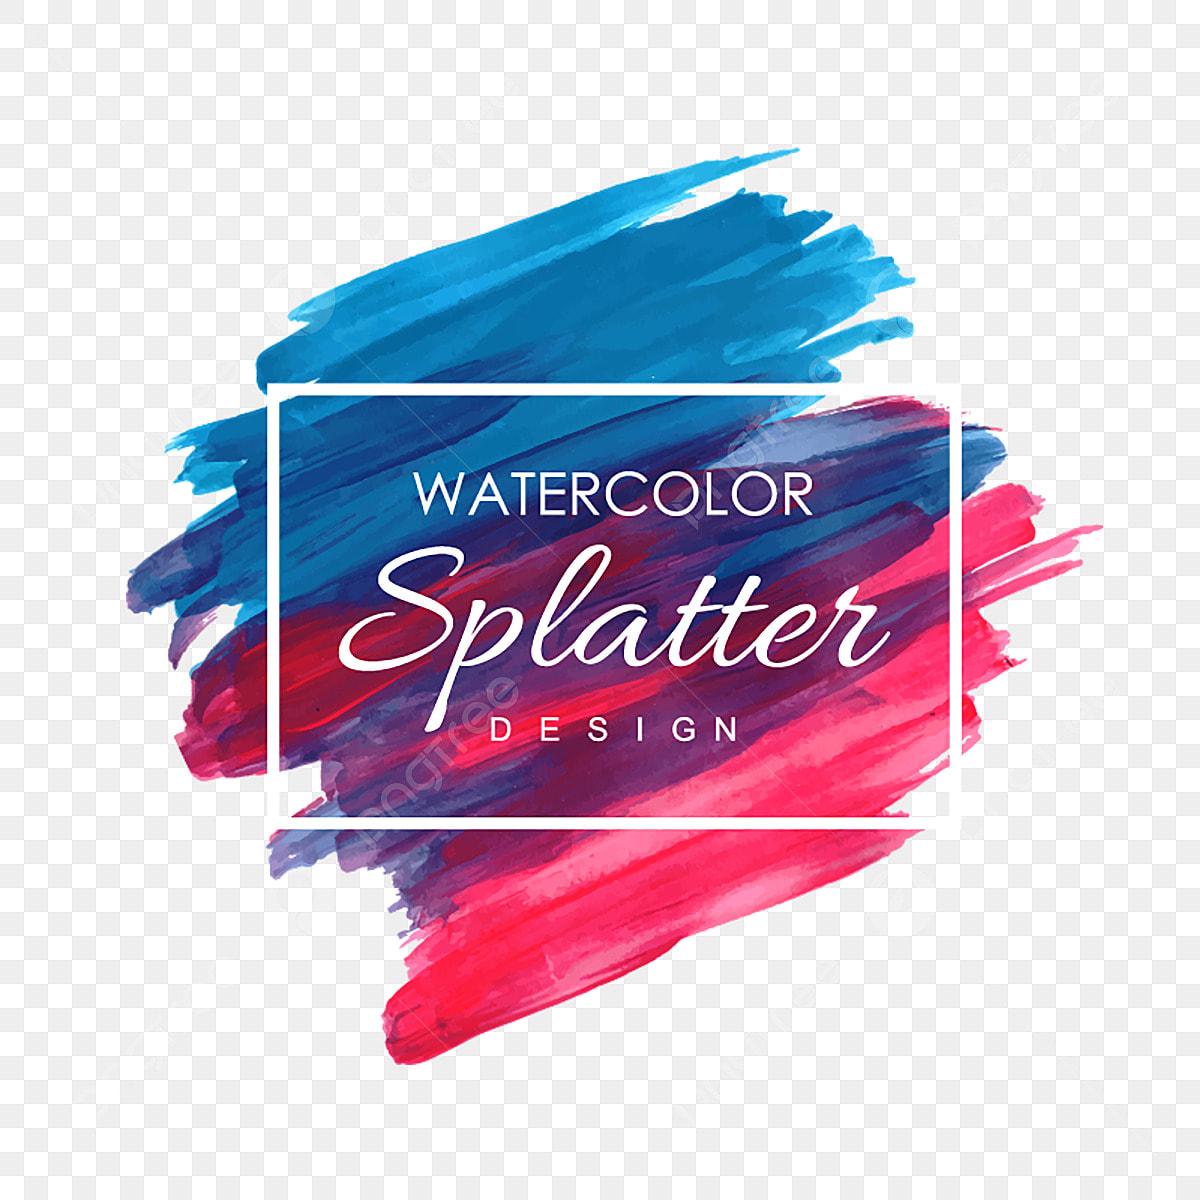 Hand Drawn Watercolor Splatter Designs Watercolor Splash